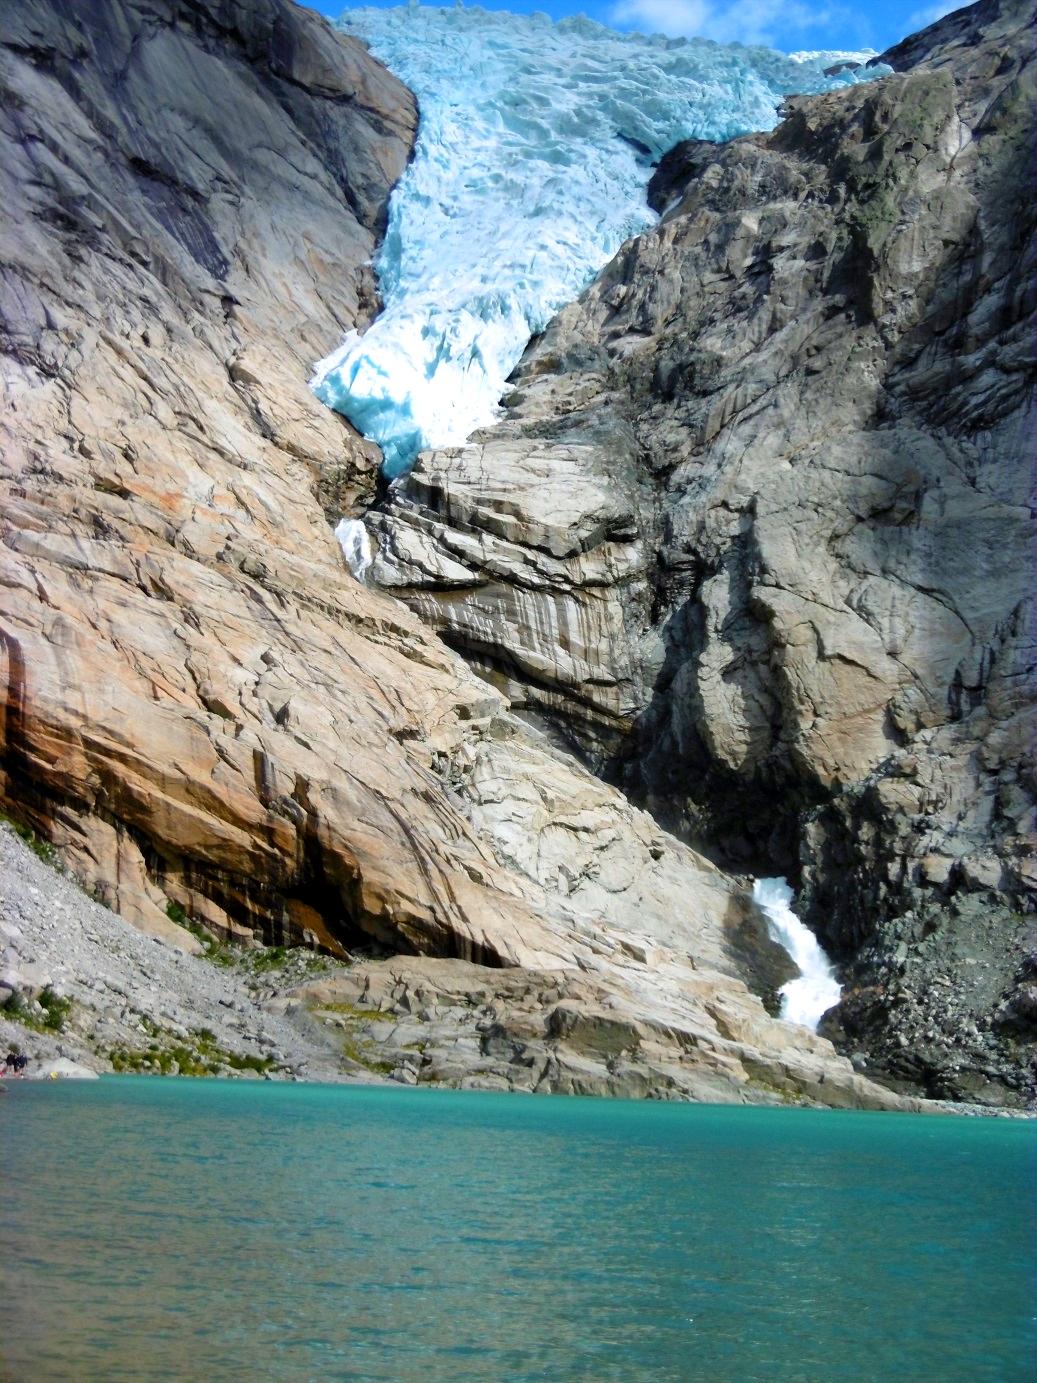 Norwegen Gletschereis Wasser Berge Briksdalsbreen